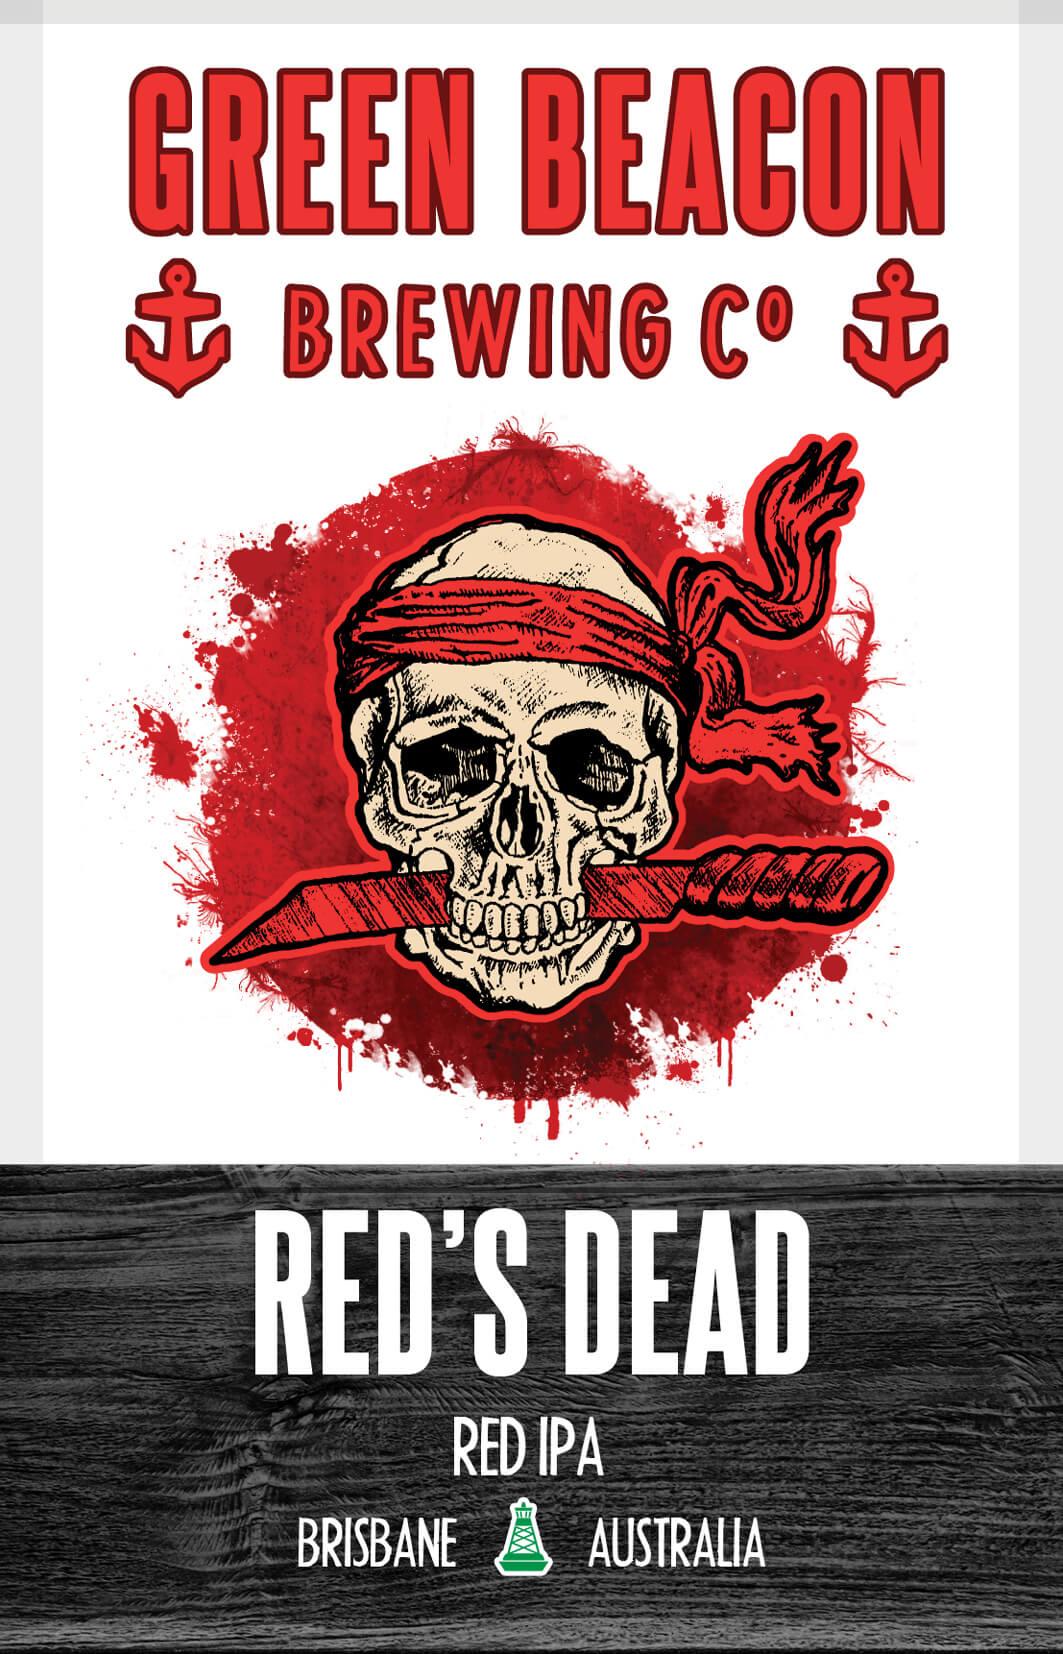 reds-deadnewfinal-decal (1).jpg